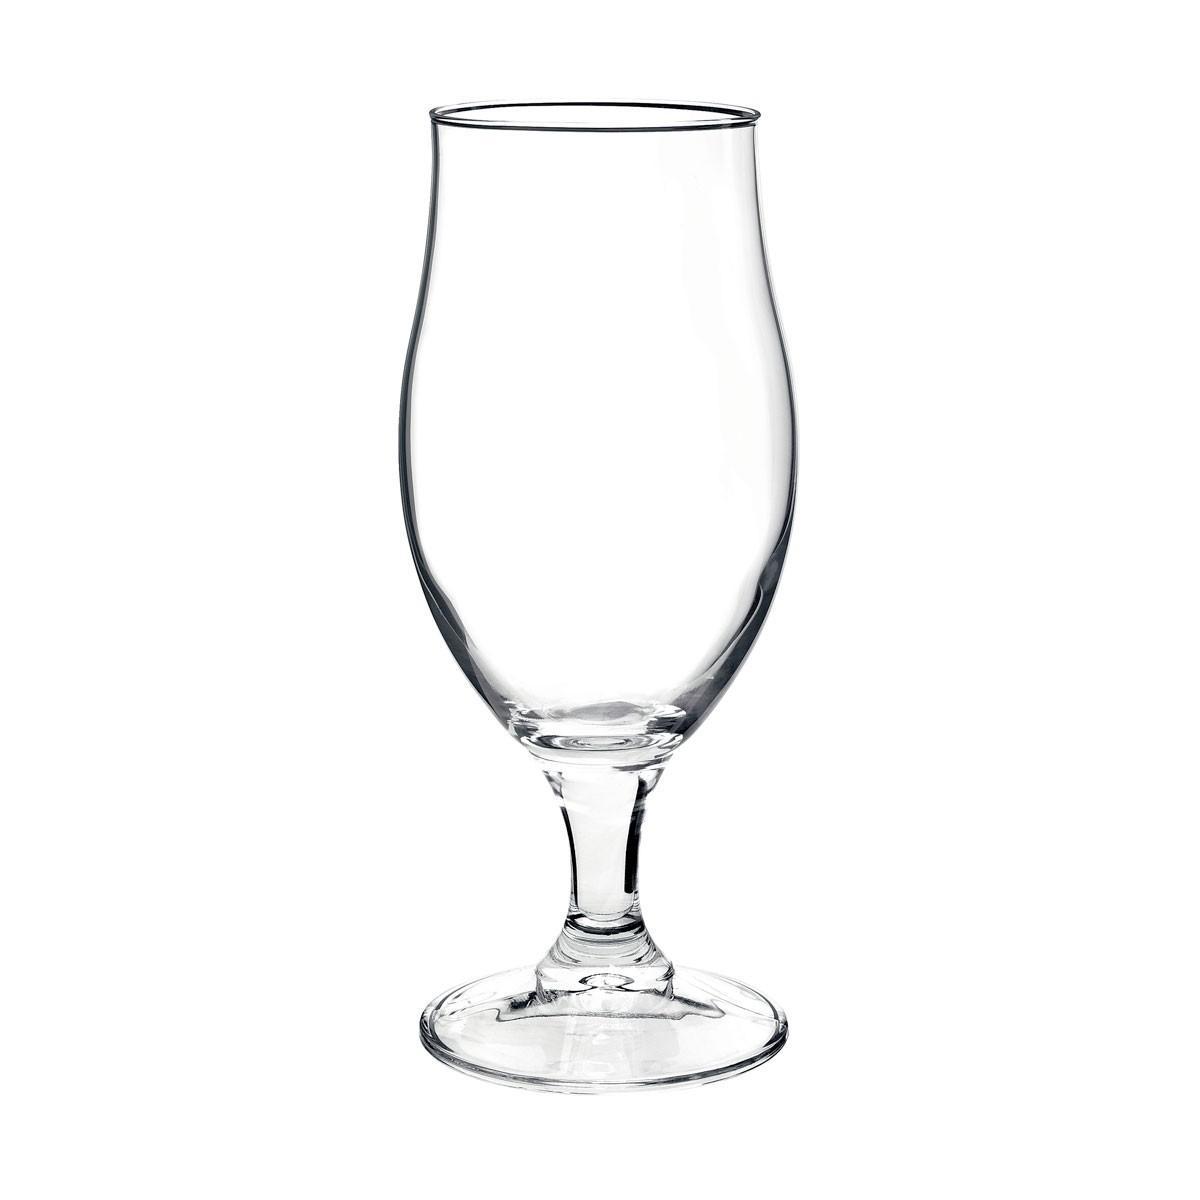 Bicchiere birra linea executive cl 26 1 bormioli rocco for Bicchieri birra prezzi